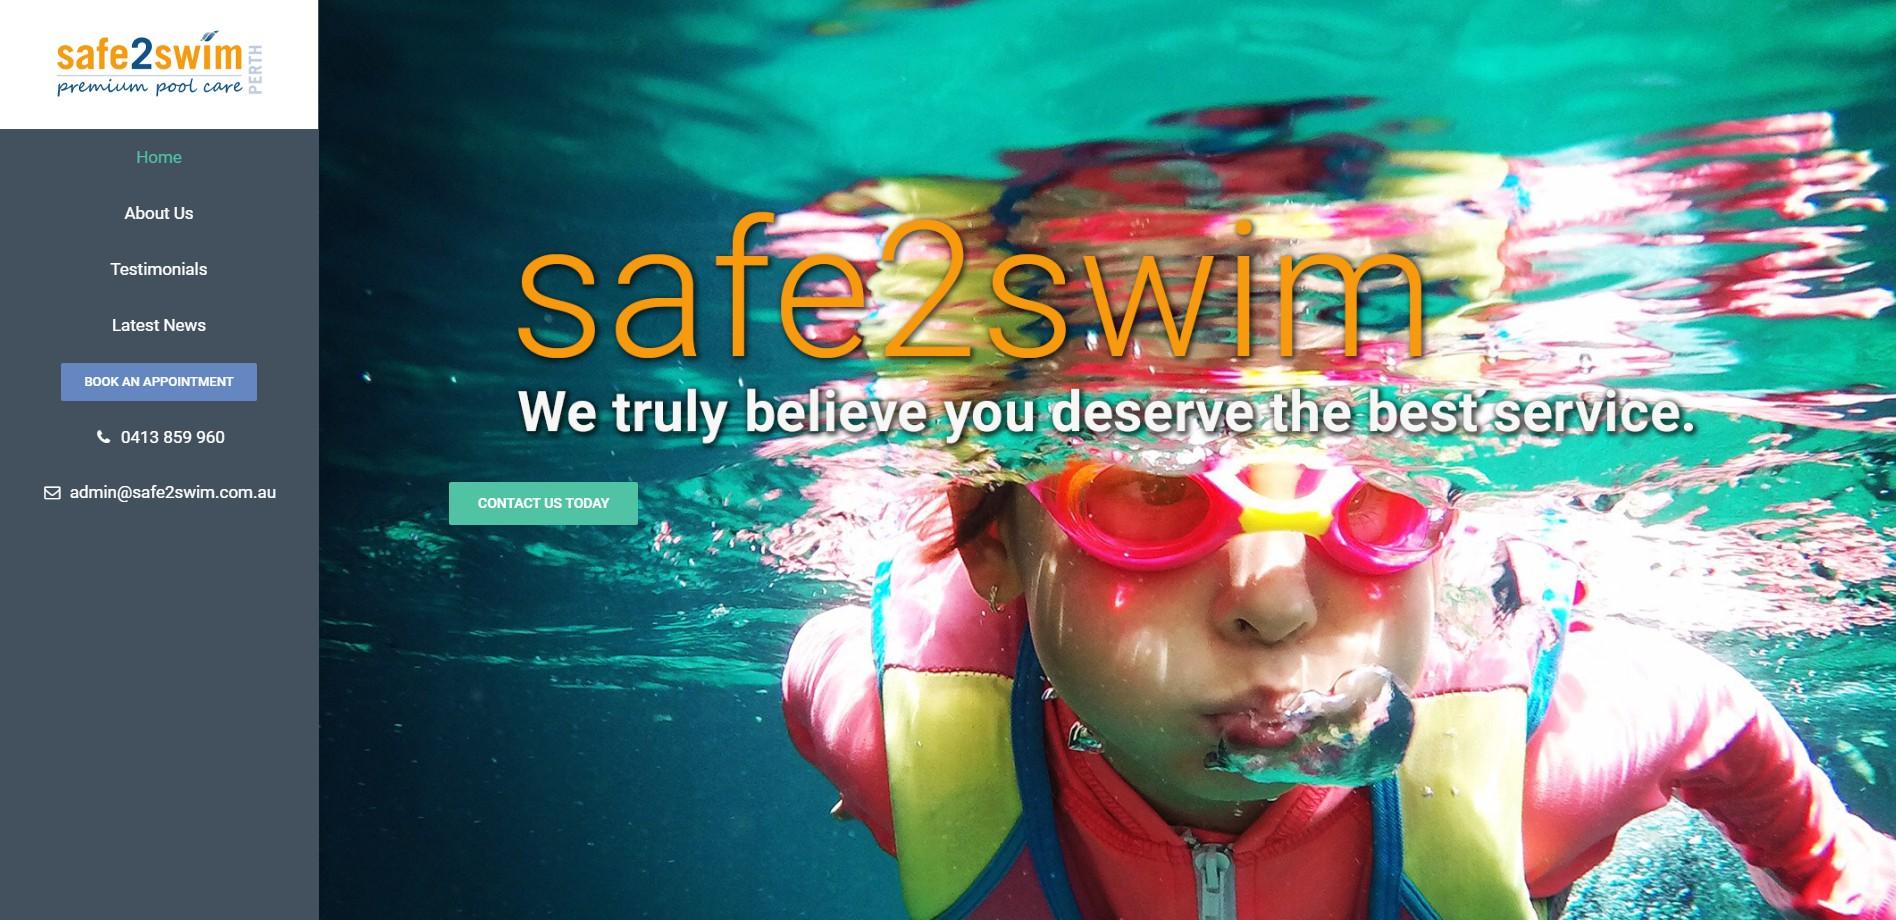 safe2swim